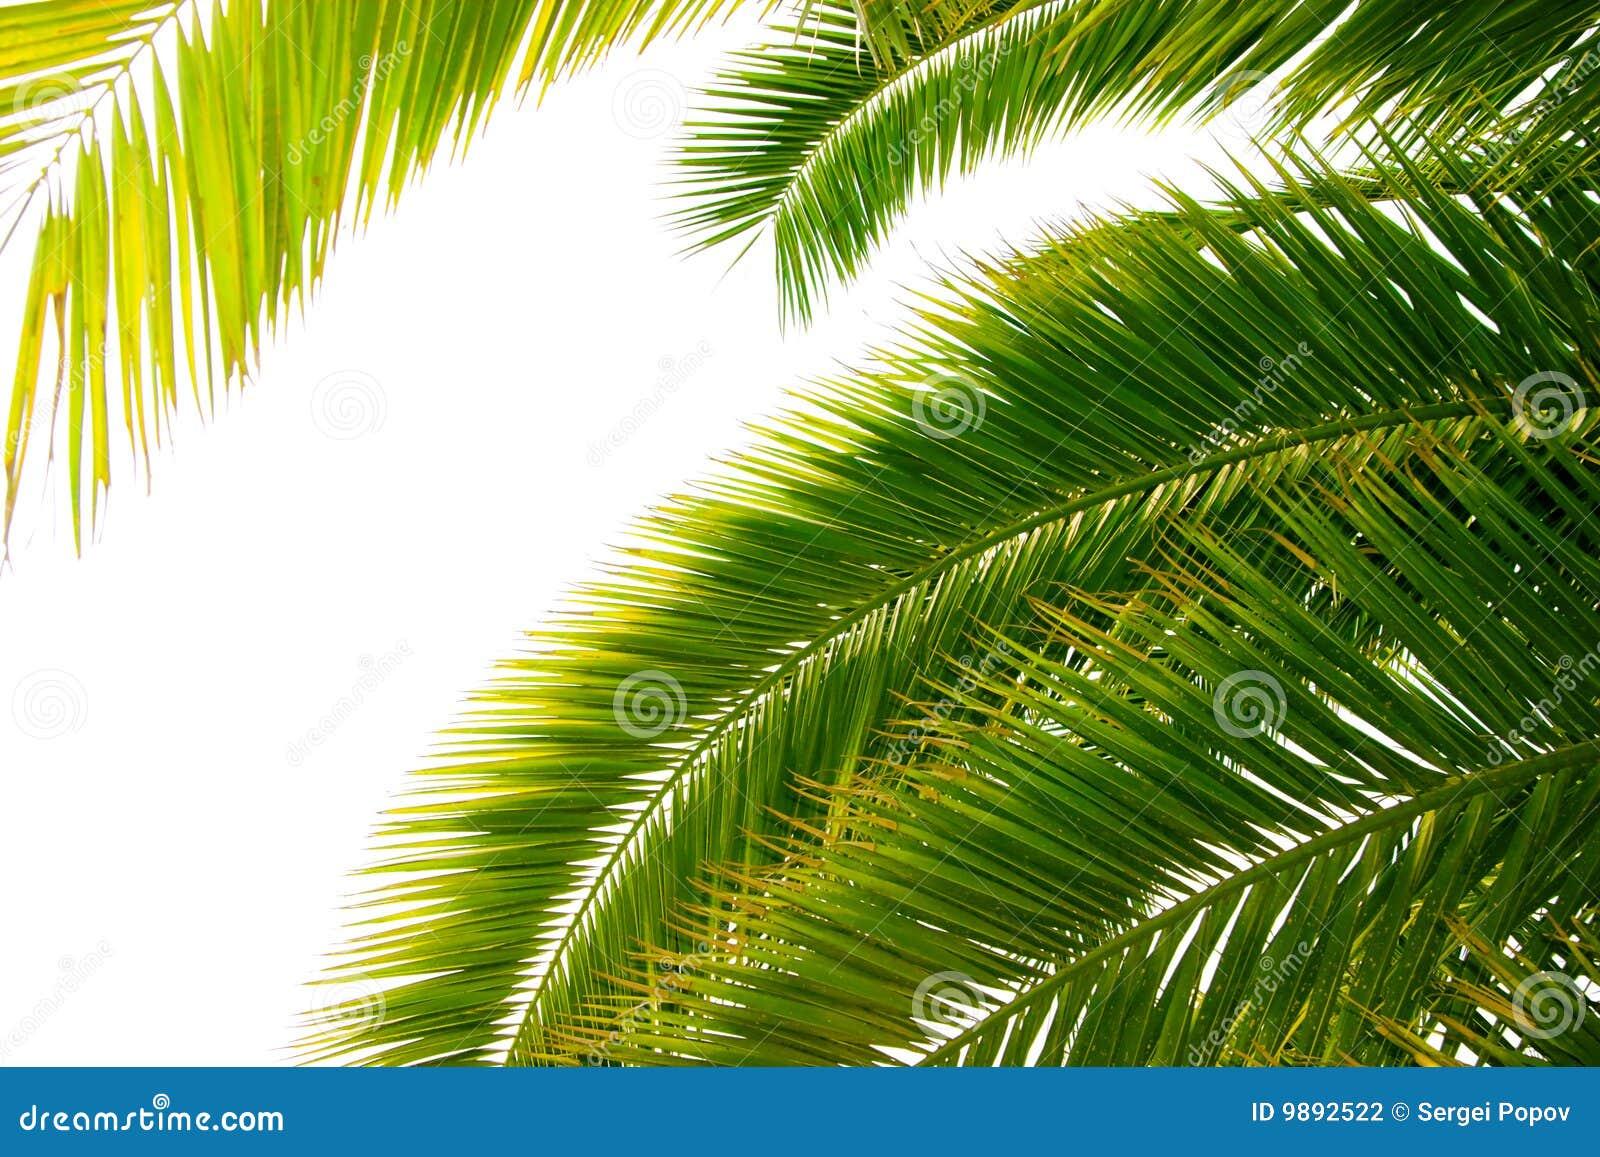 Bladeren van palm